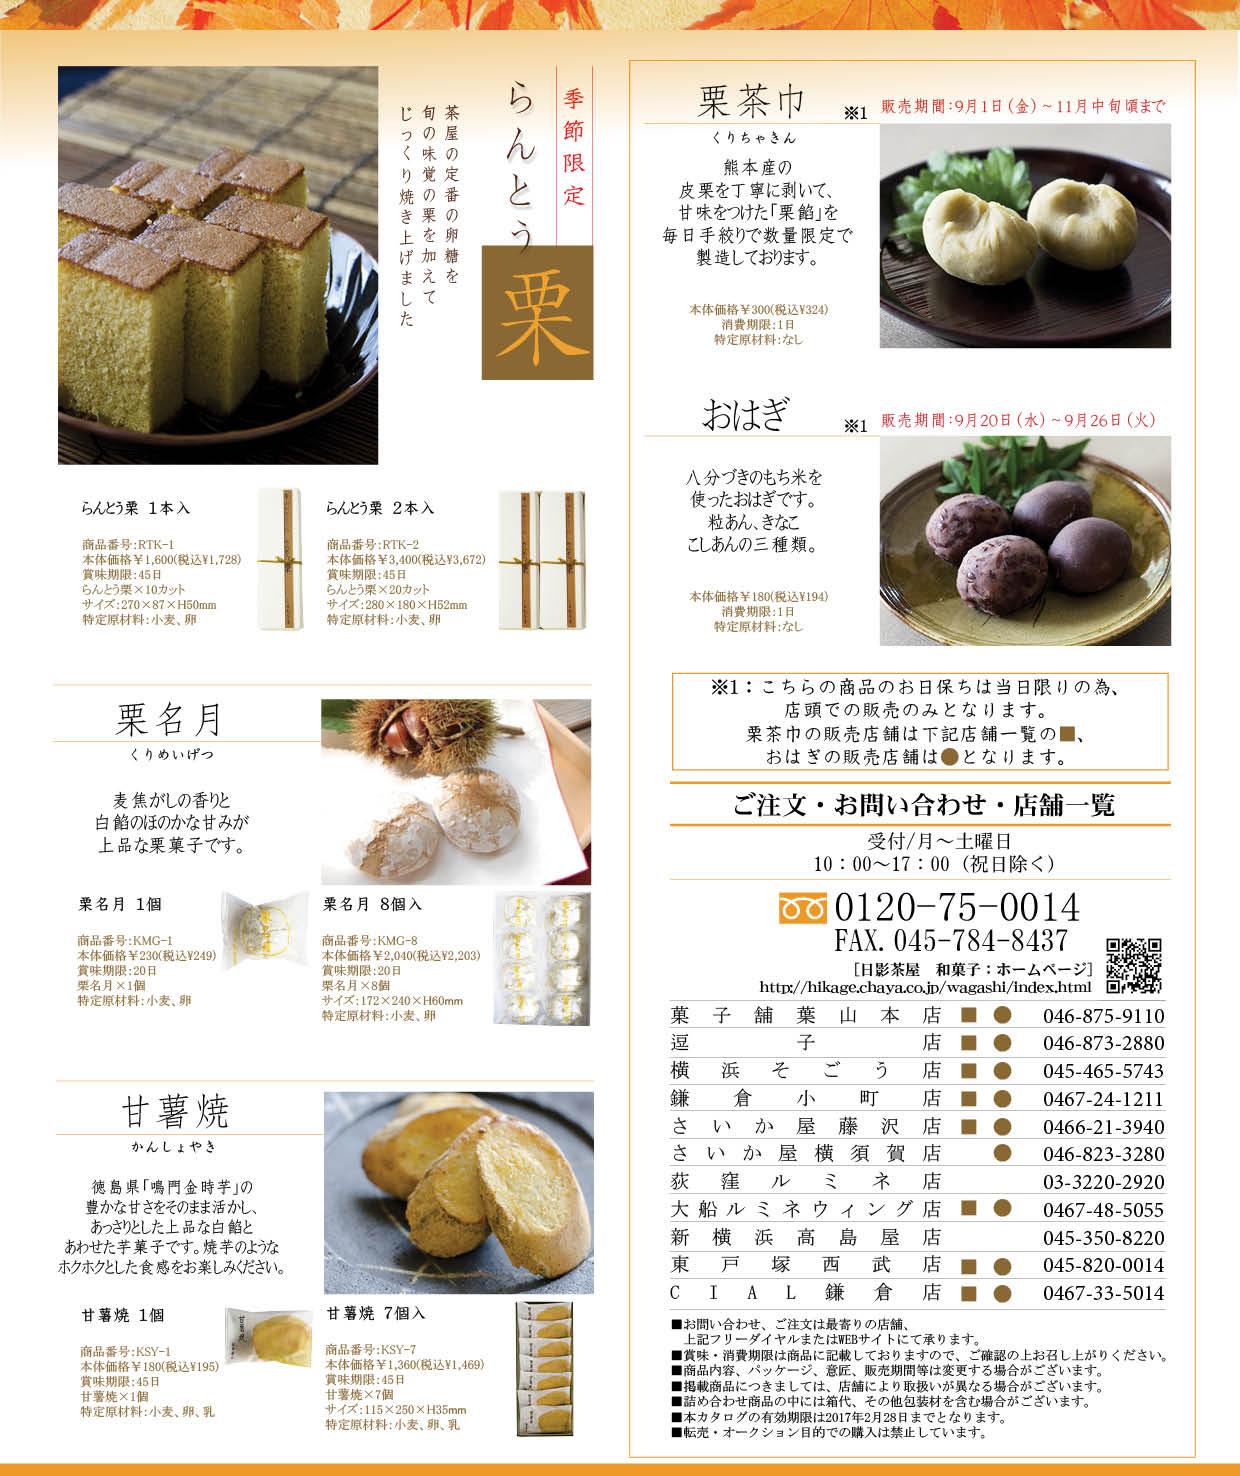 20170830_和菓子カタログ_差込[秋]